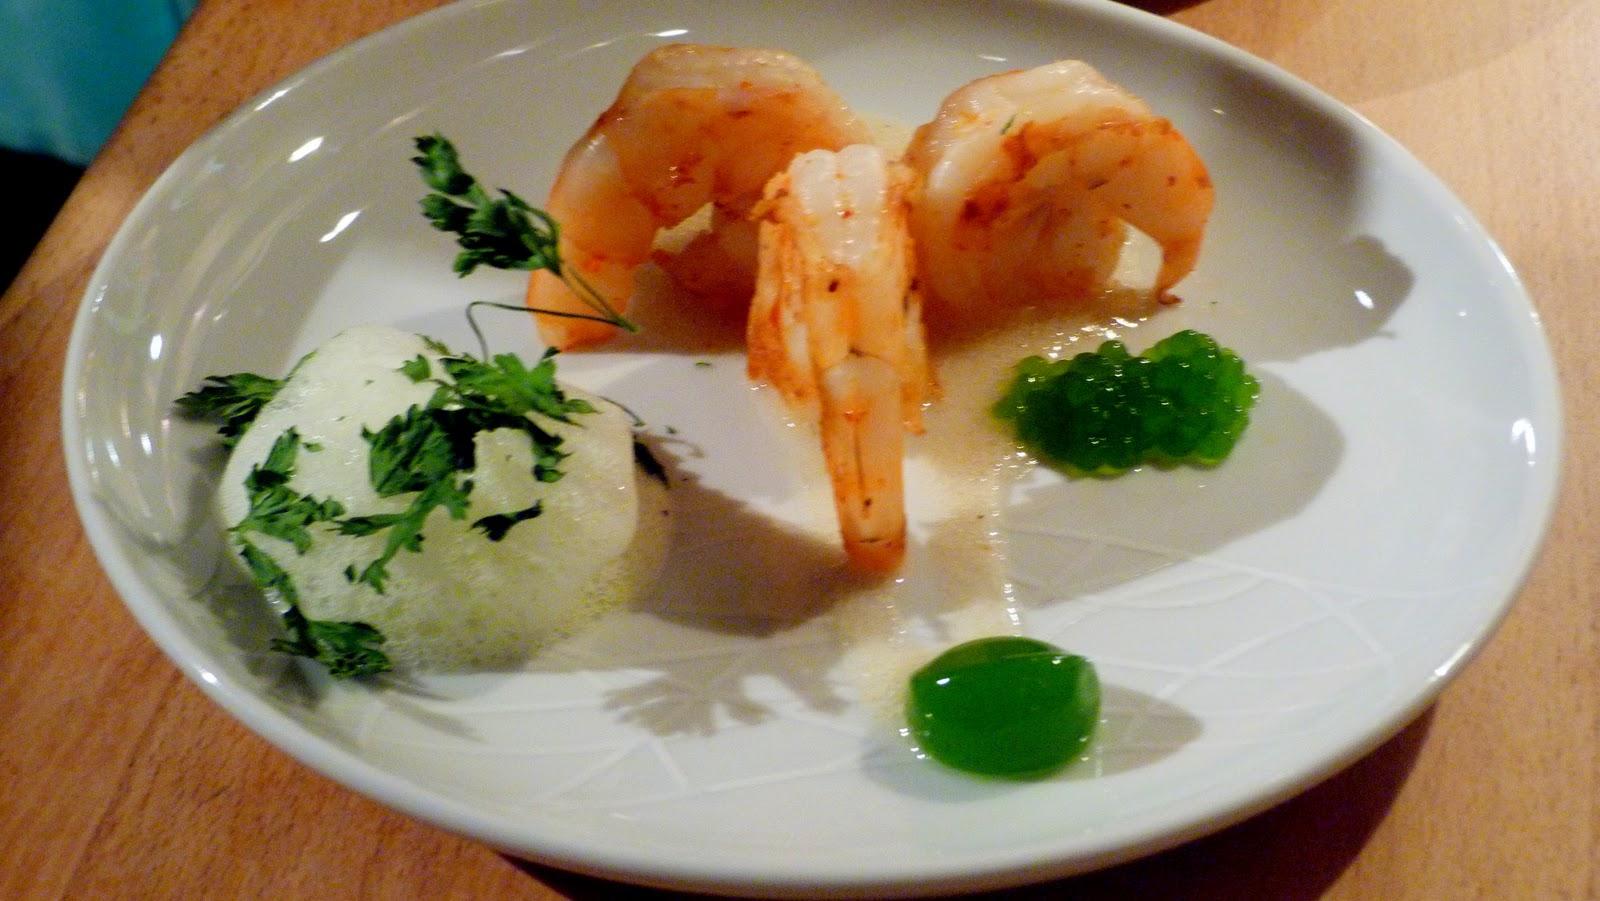 L 39 imperfection d sirable mmmmh cuisine mol culaire un - Emulsion cuisine moleculaire ...